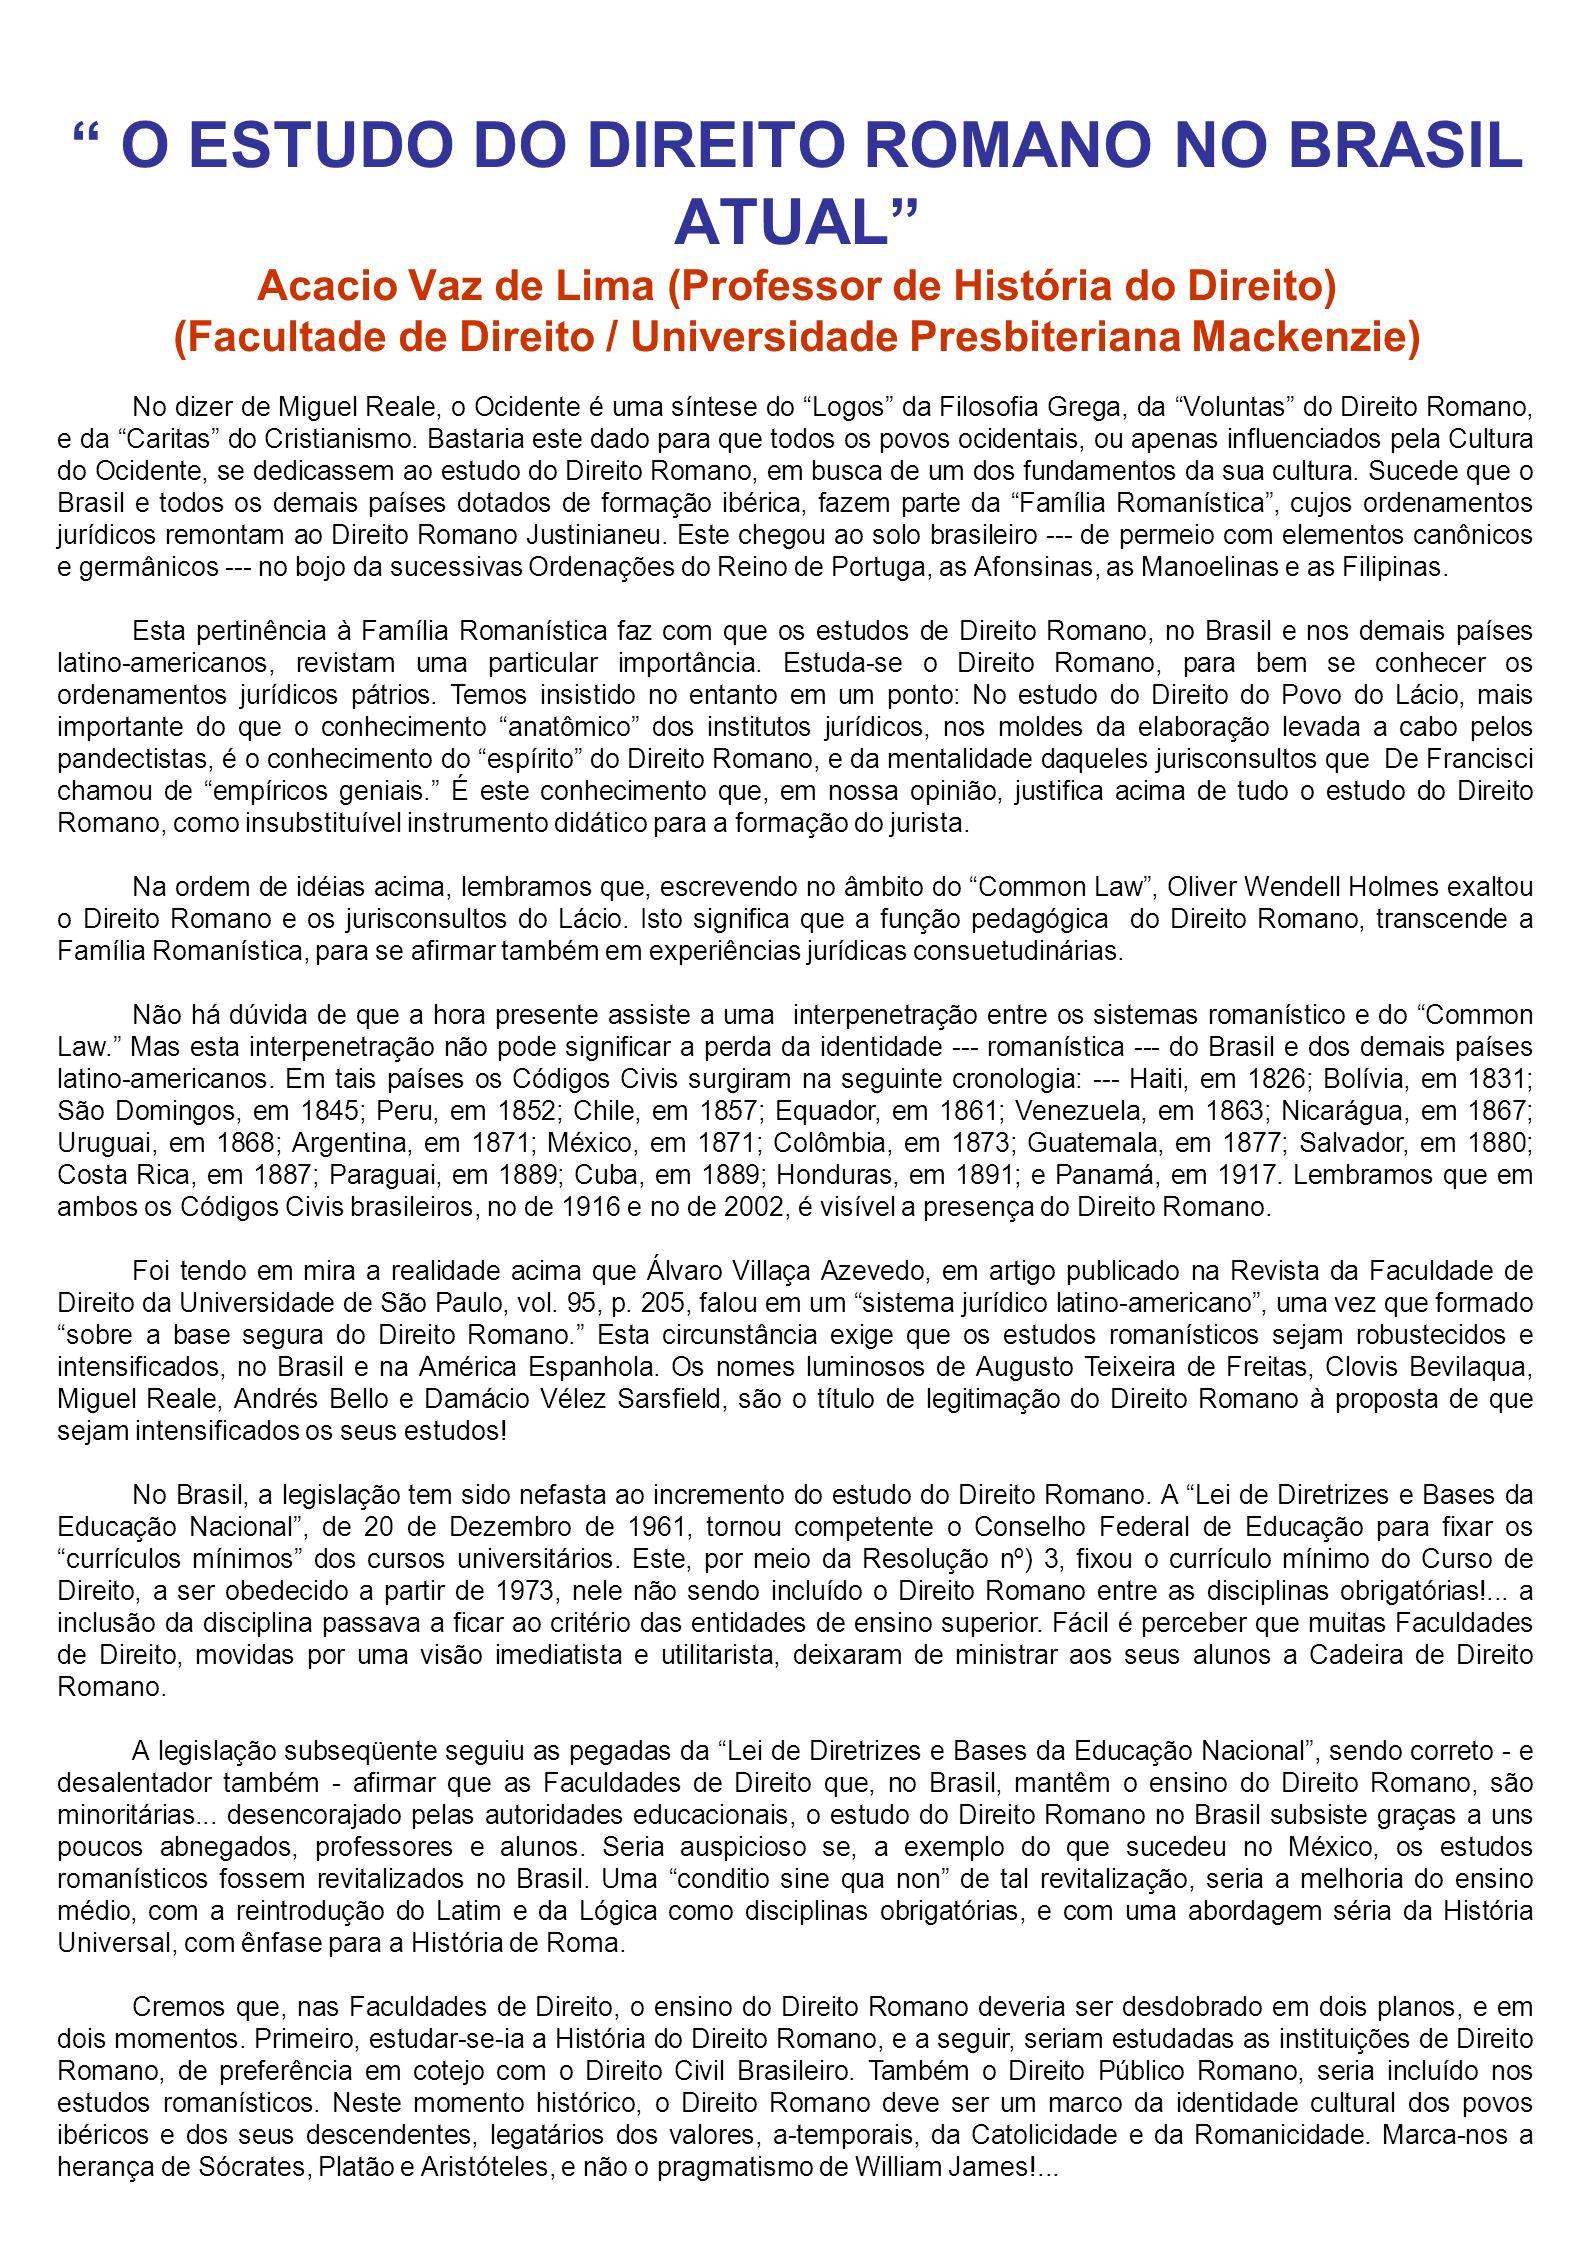 O ESTUDO DO DIREITO ROMANO NO BRASIL ATUAL Acacio Vaz de Lima (Professor de História do Direito) (Facultade de Direito / Universidade Presbiteriana Mackenzie)